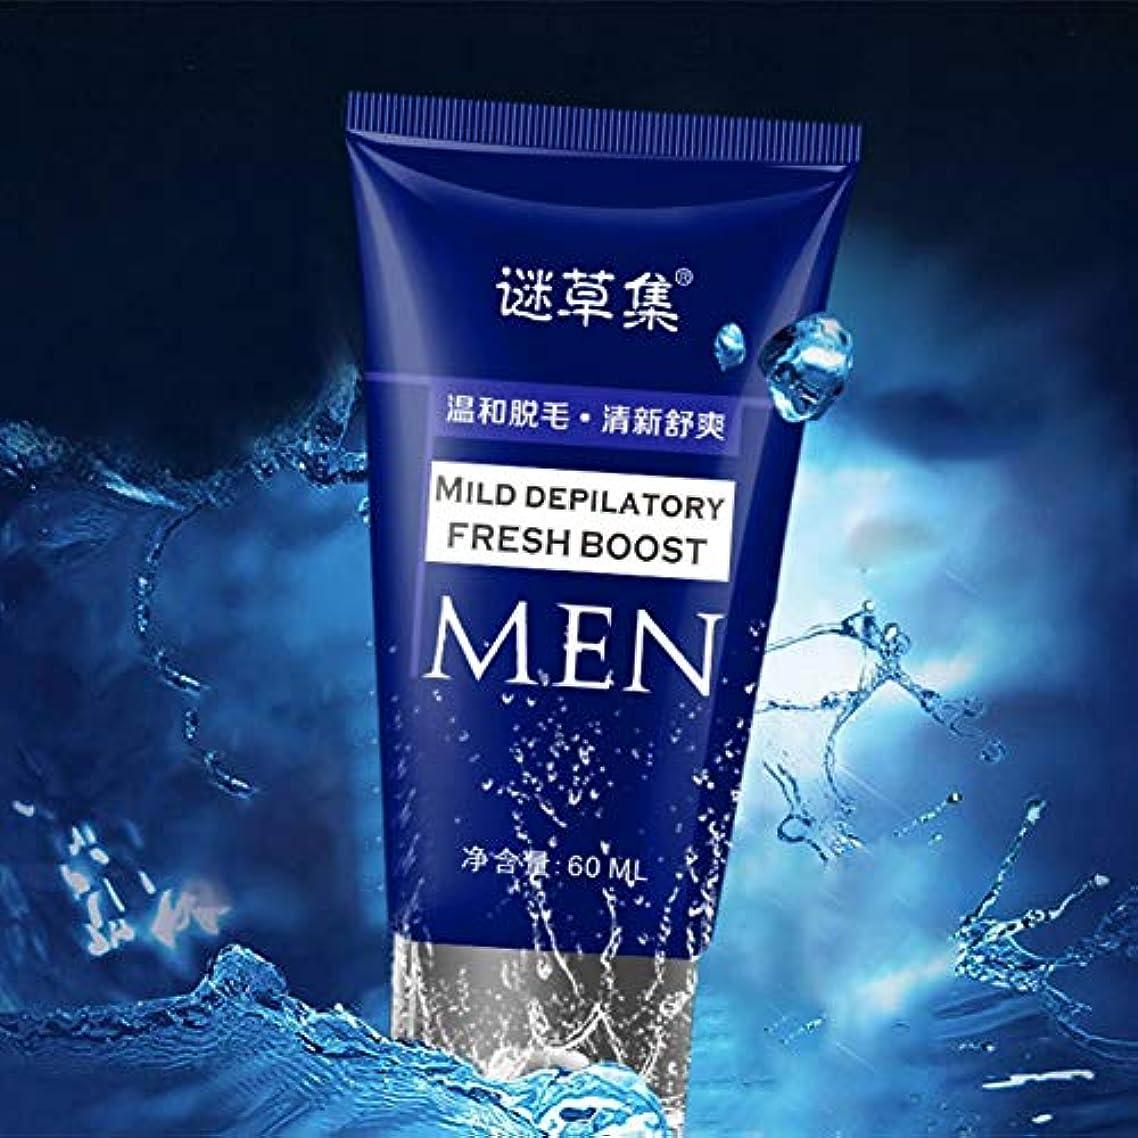 指導する対応する味わう60ml 薬用除毛剤 除毛 脱毛クリーム 無痛無害 メンズ 敏感肌用 すべての肌タイプ 使用可能